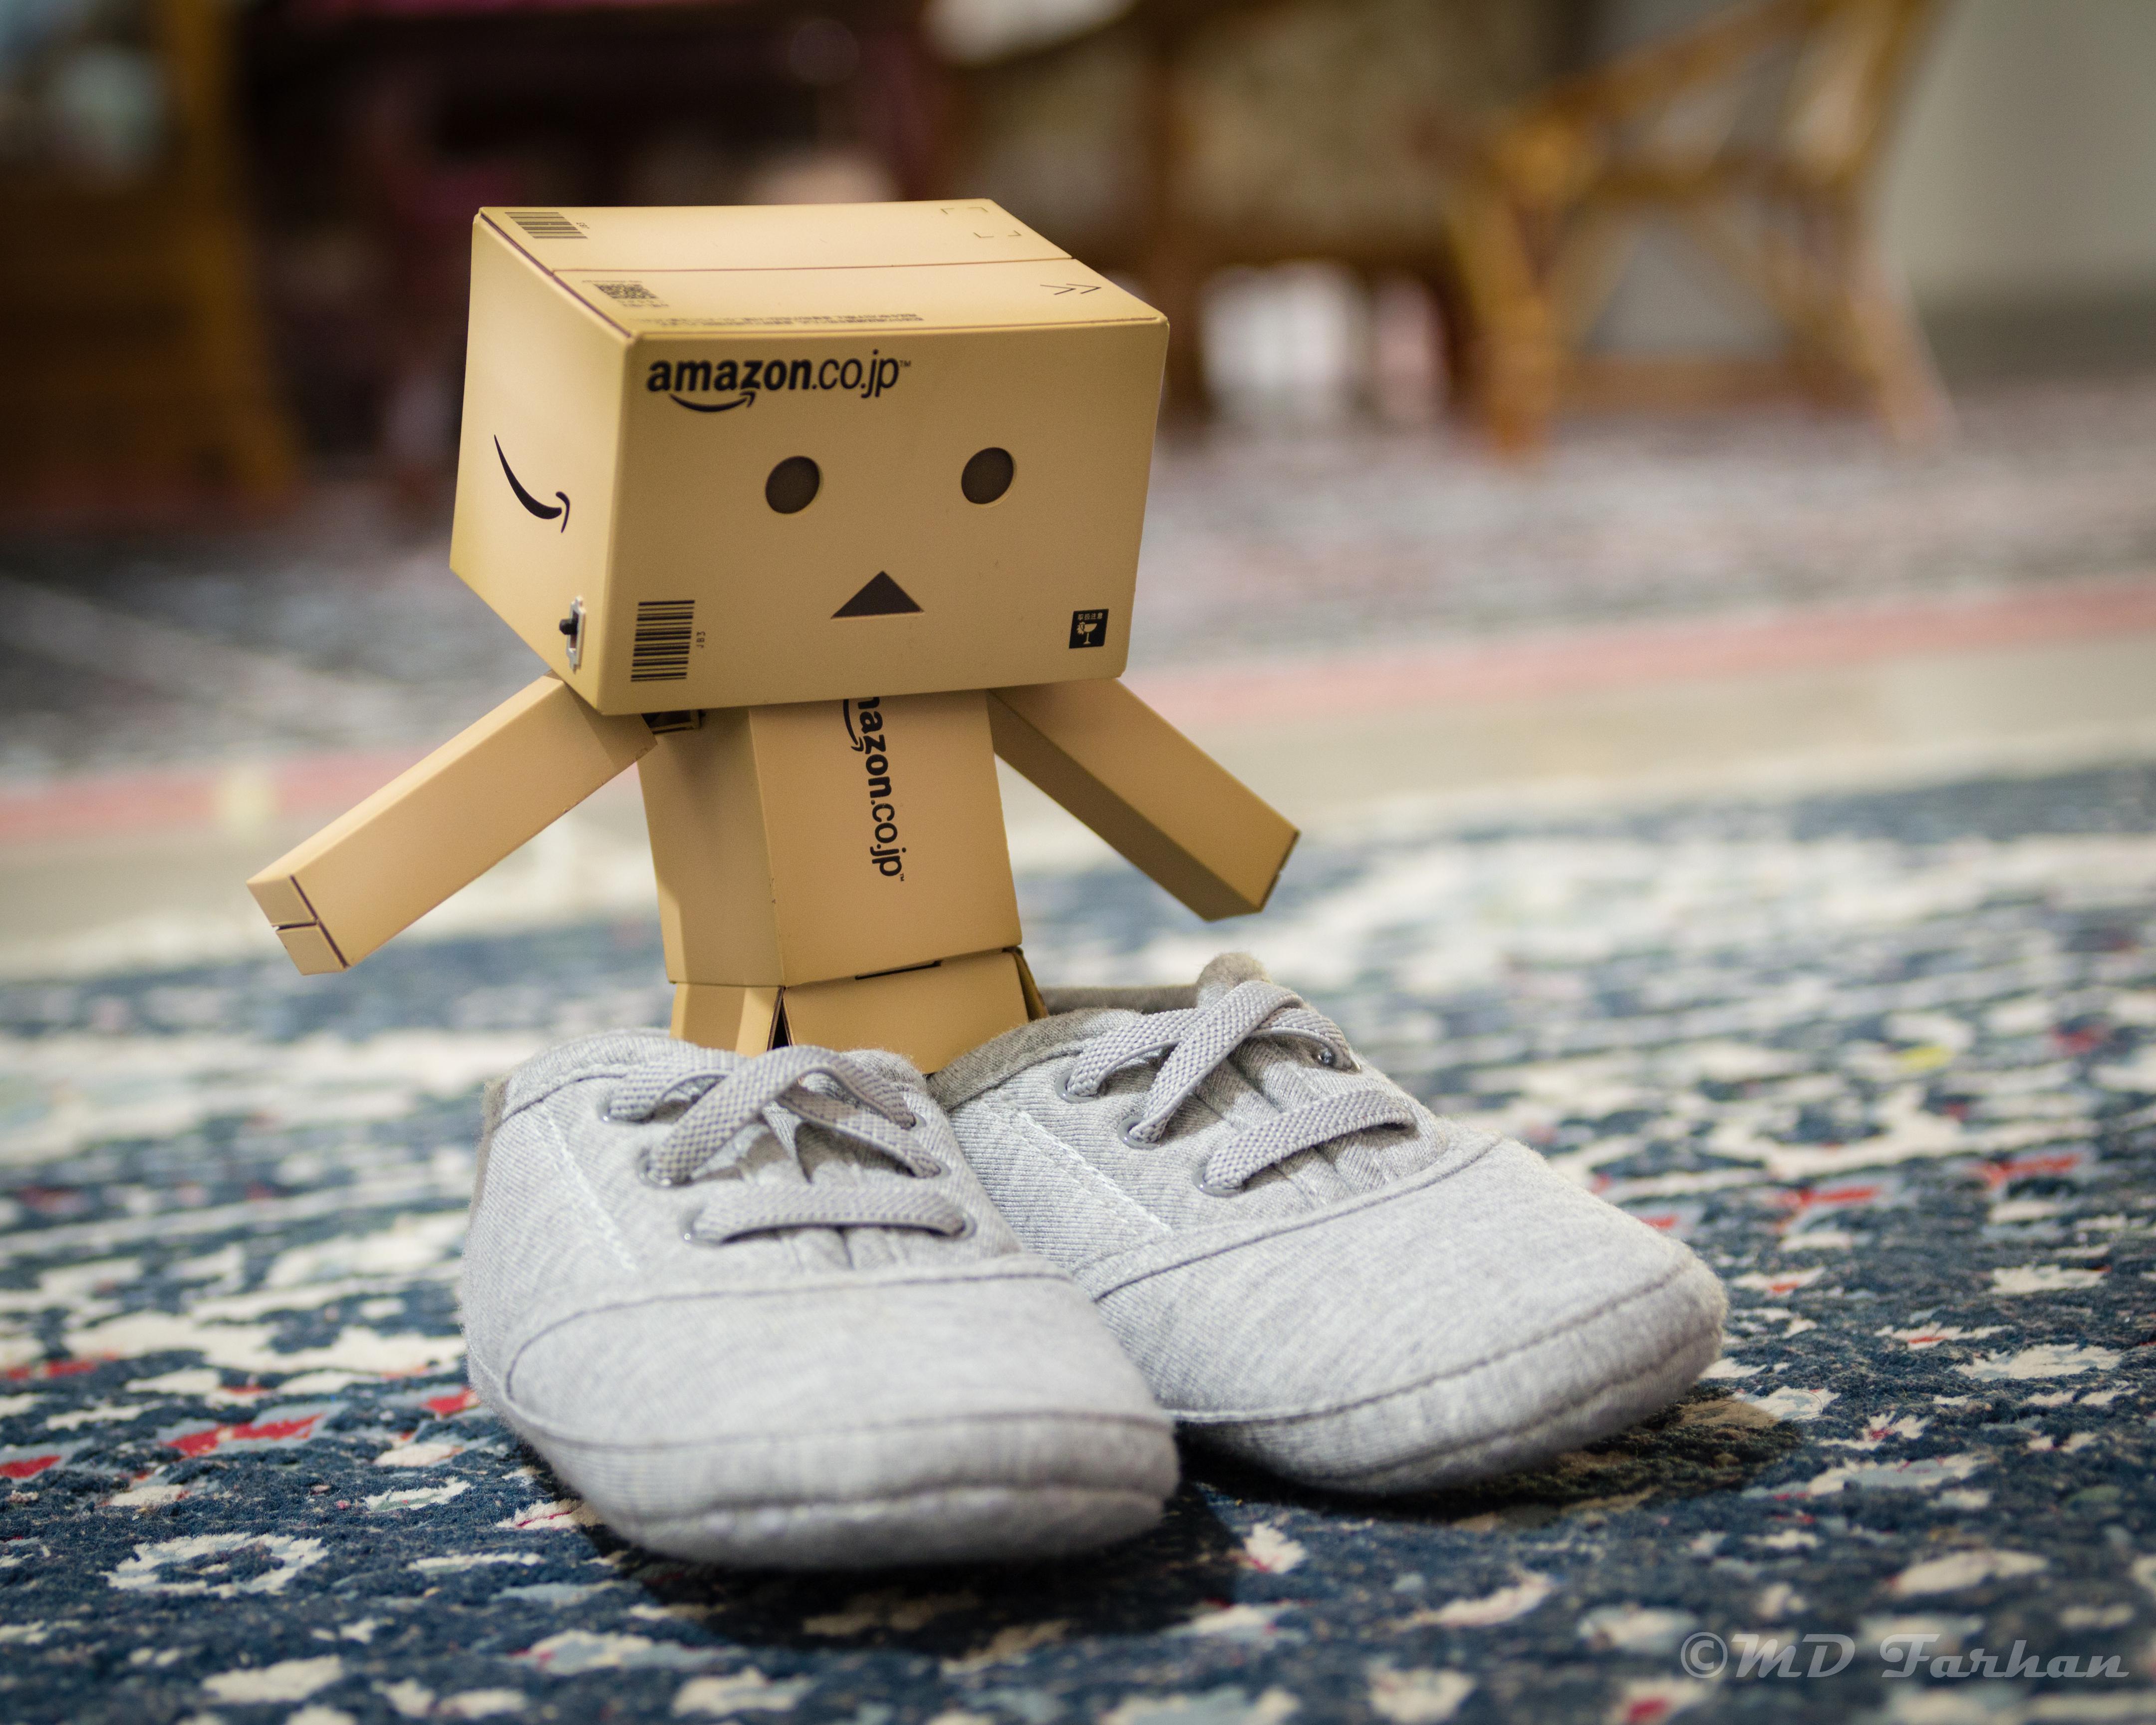 Wallpaper : Japan, shoes, bokeh, Toy, Danbo, kid, shoe